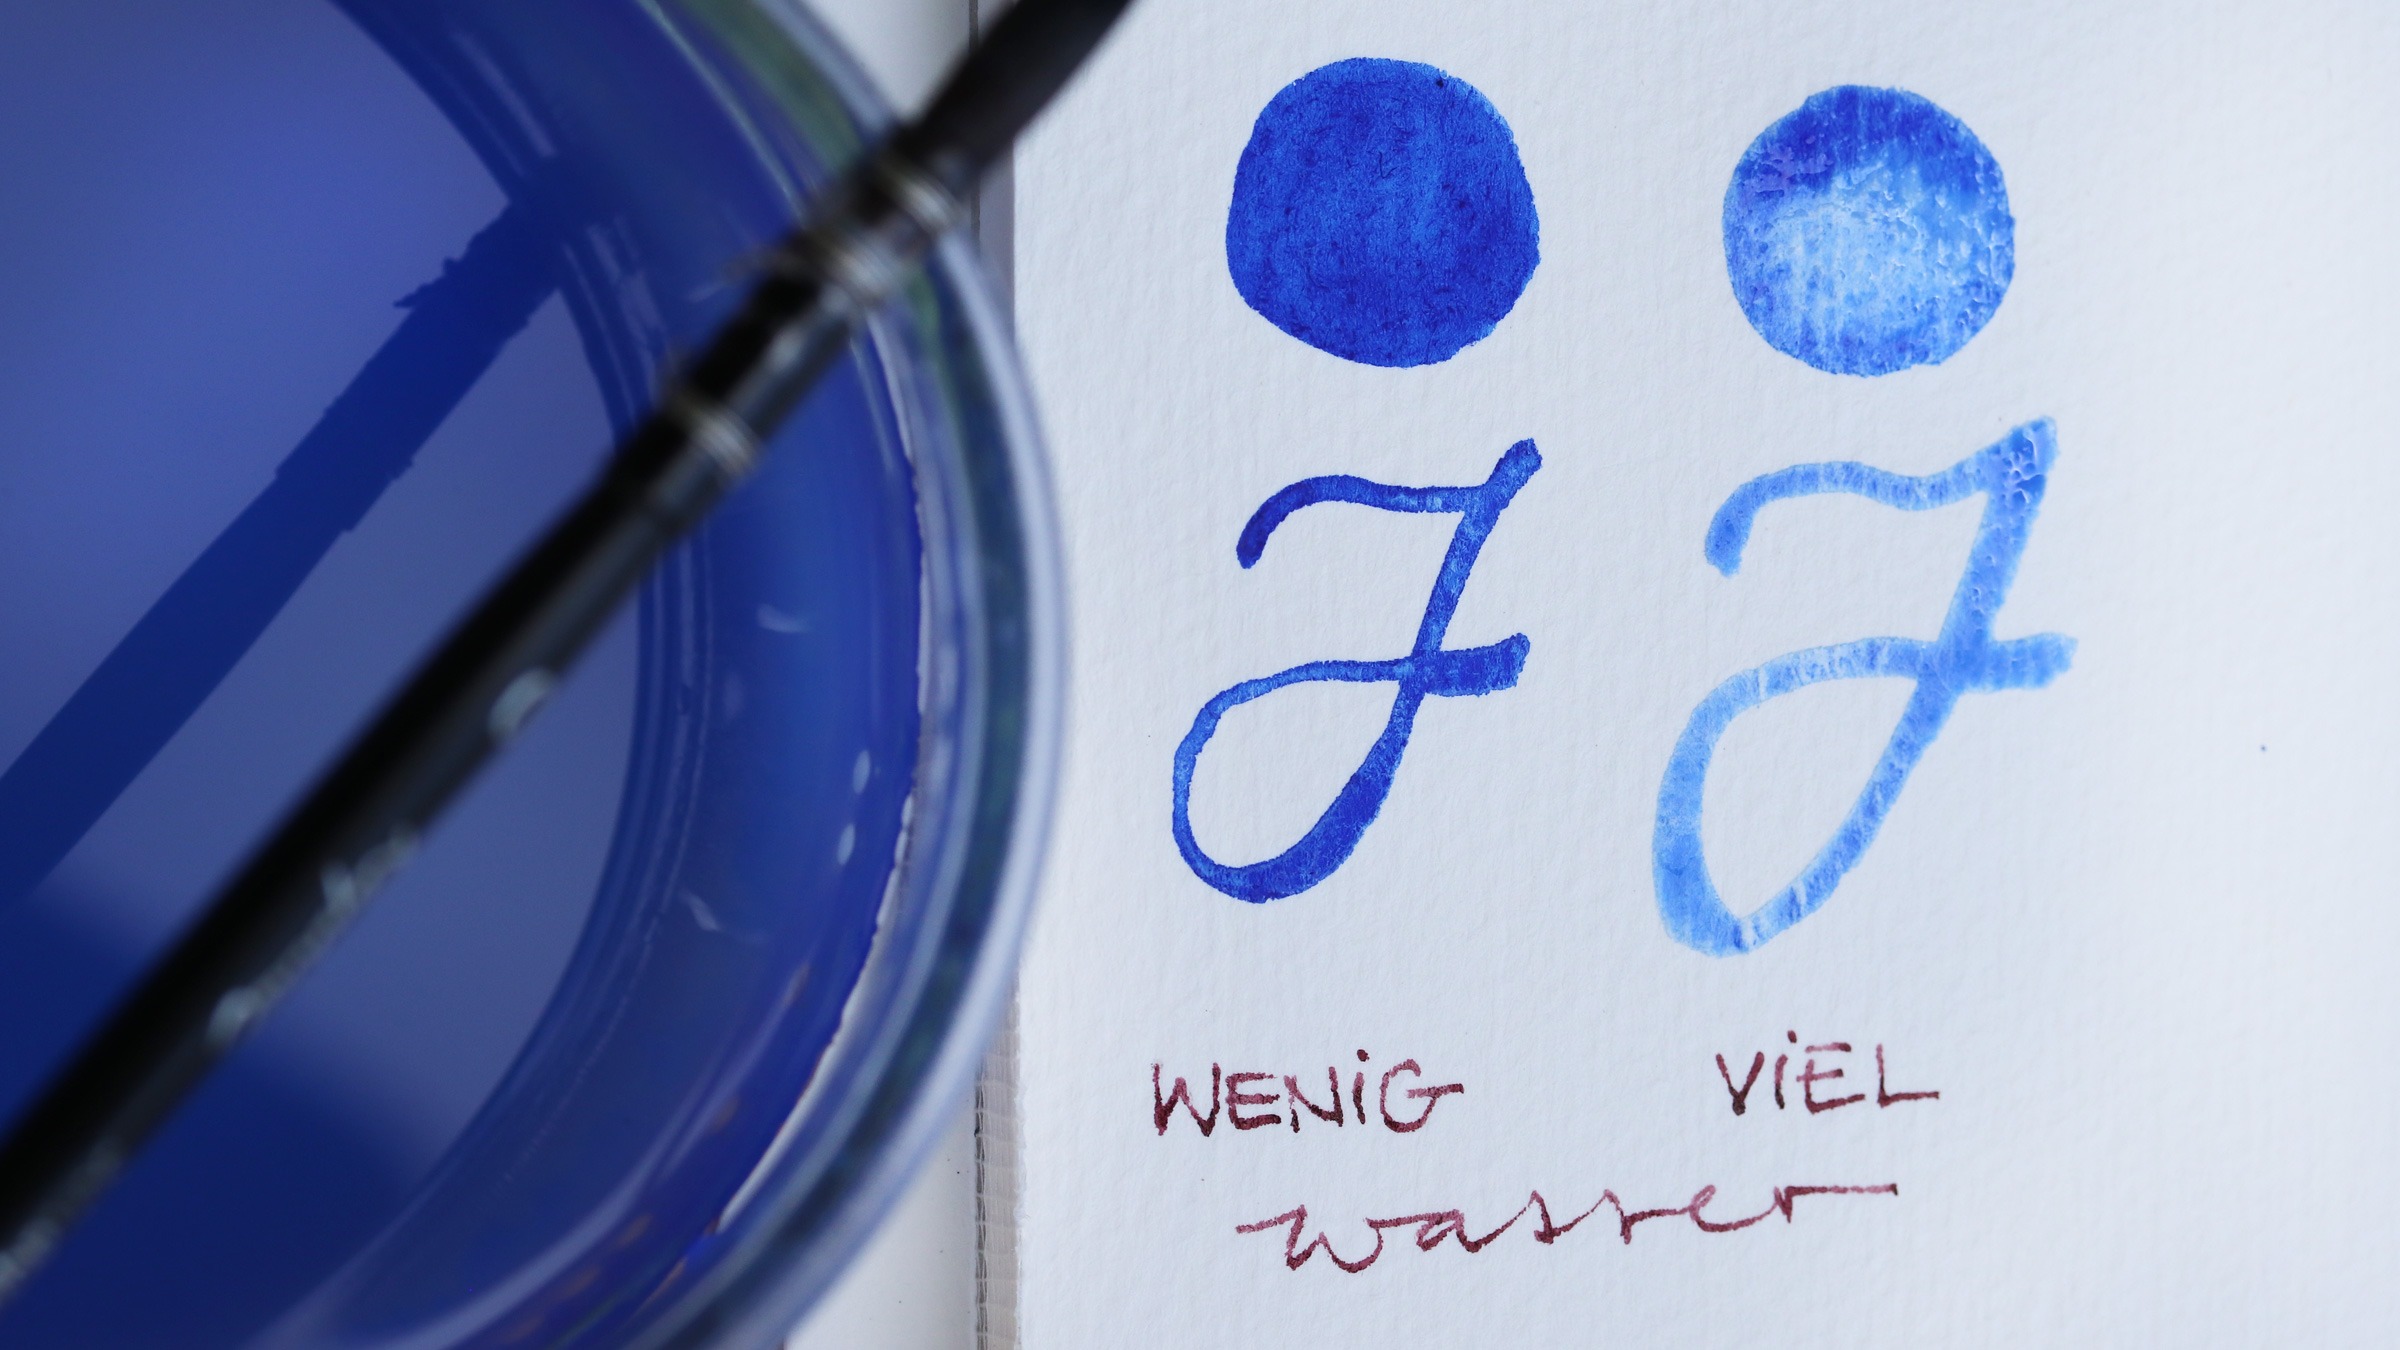 Granulierende Aquarellfarbe – Schmincke Ultramarin Blau: Anlösen der Pigemente mit viel oder wenig Wasser